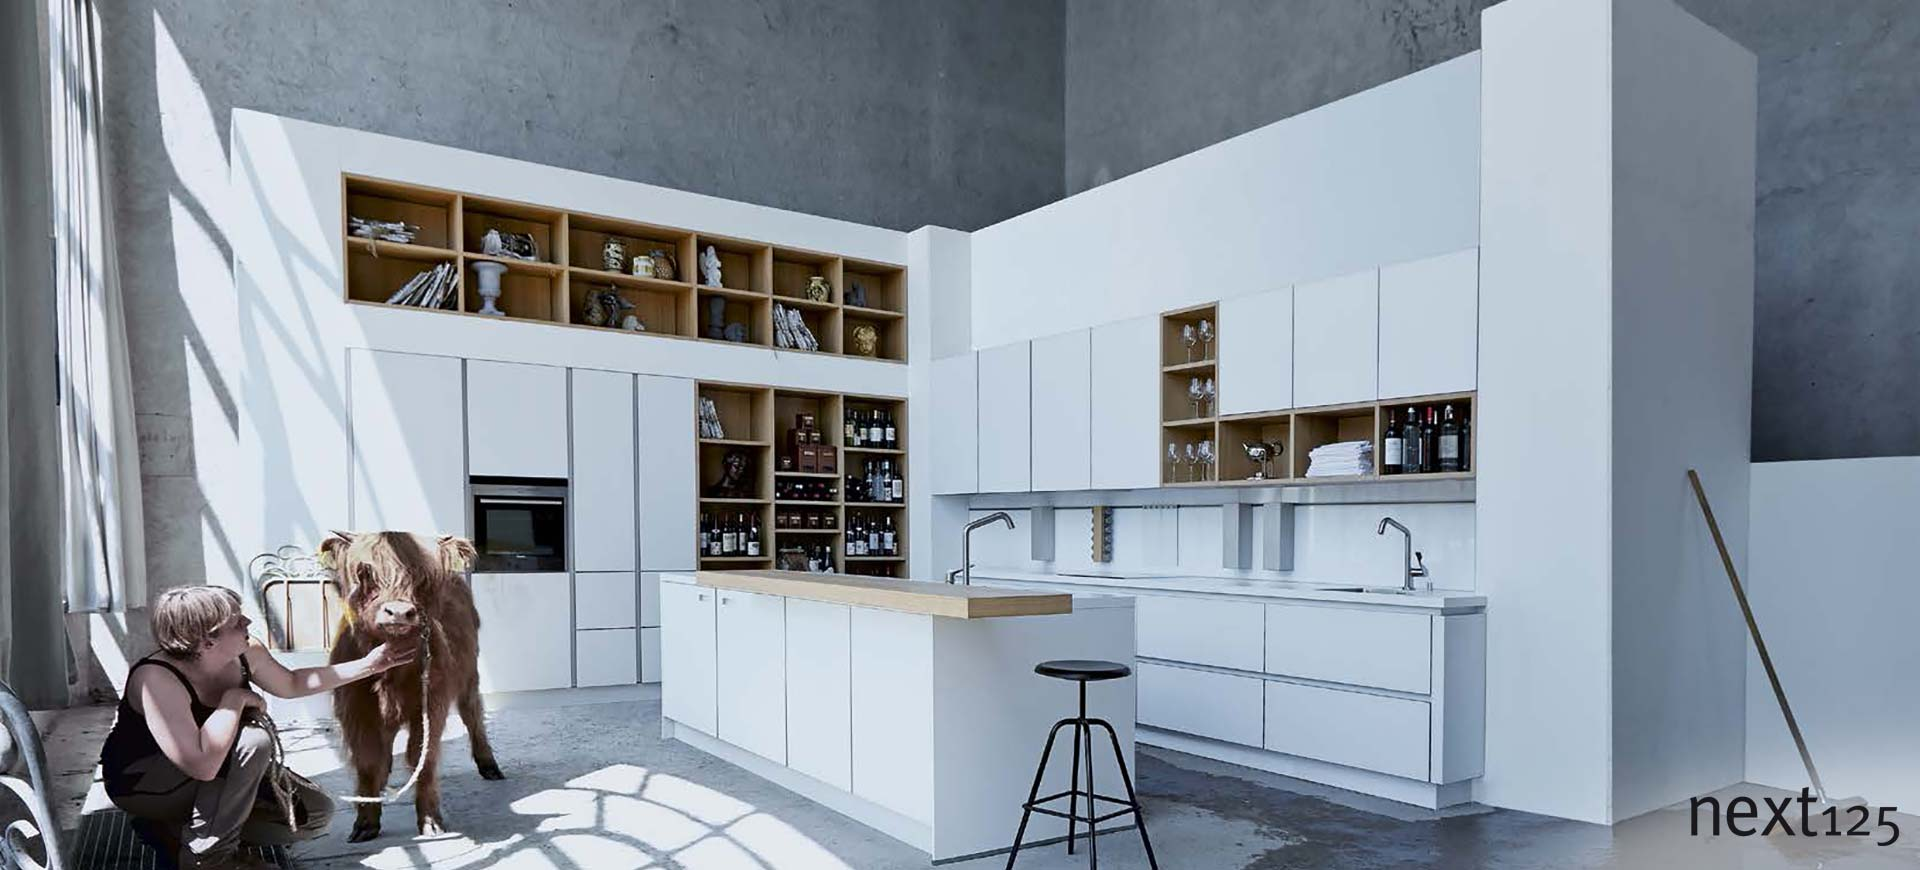 Küchen In Regensburg Der Küchenspezialist Biederer Gmbh In